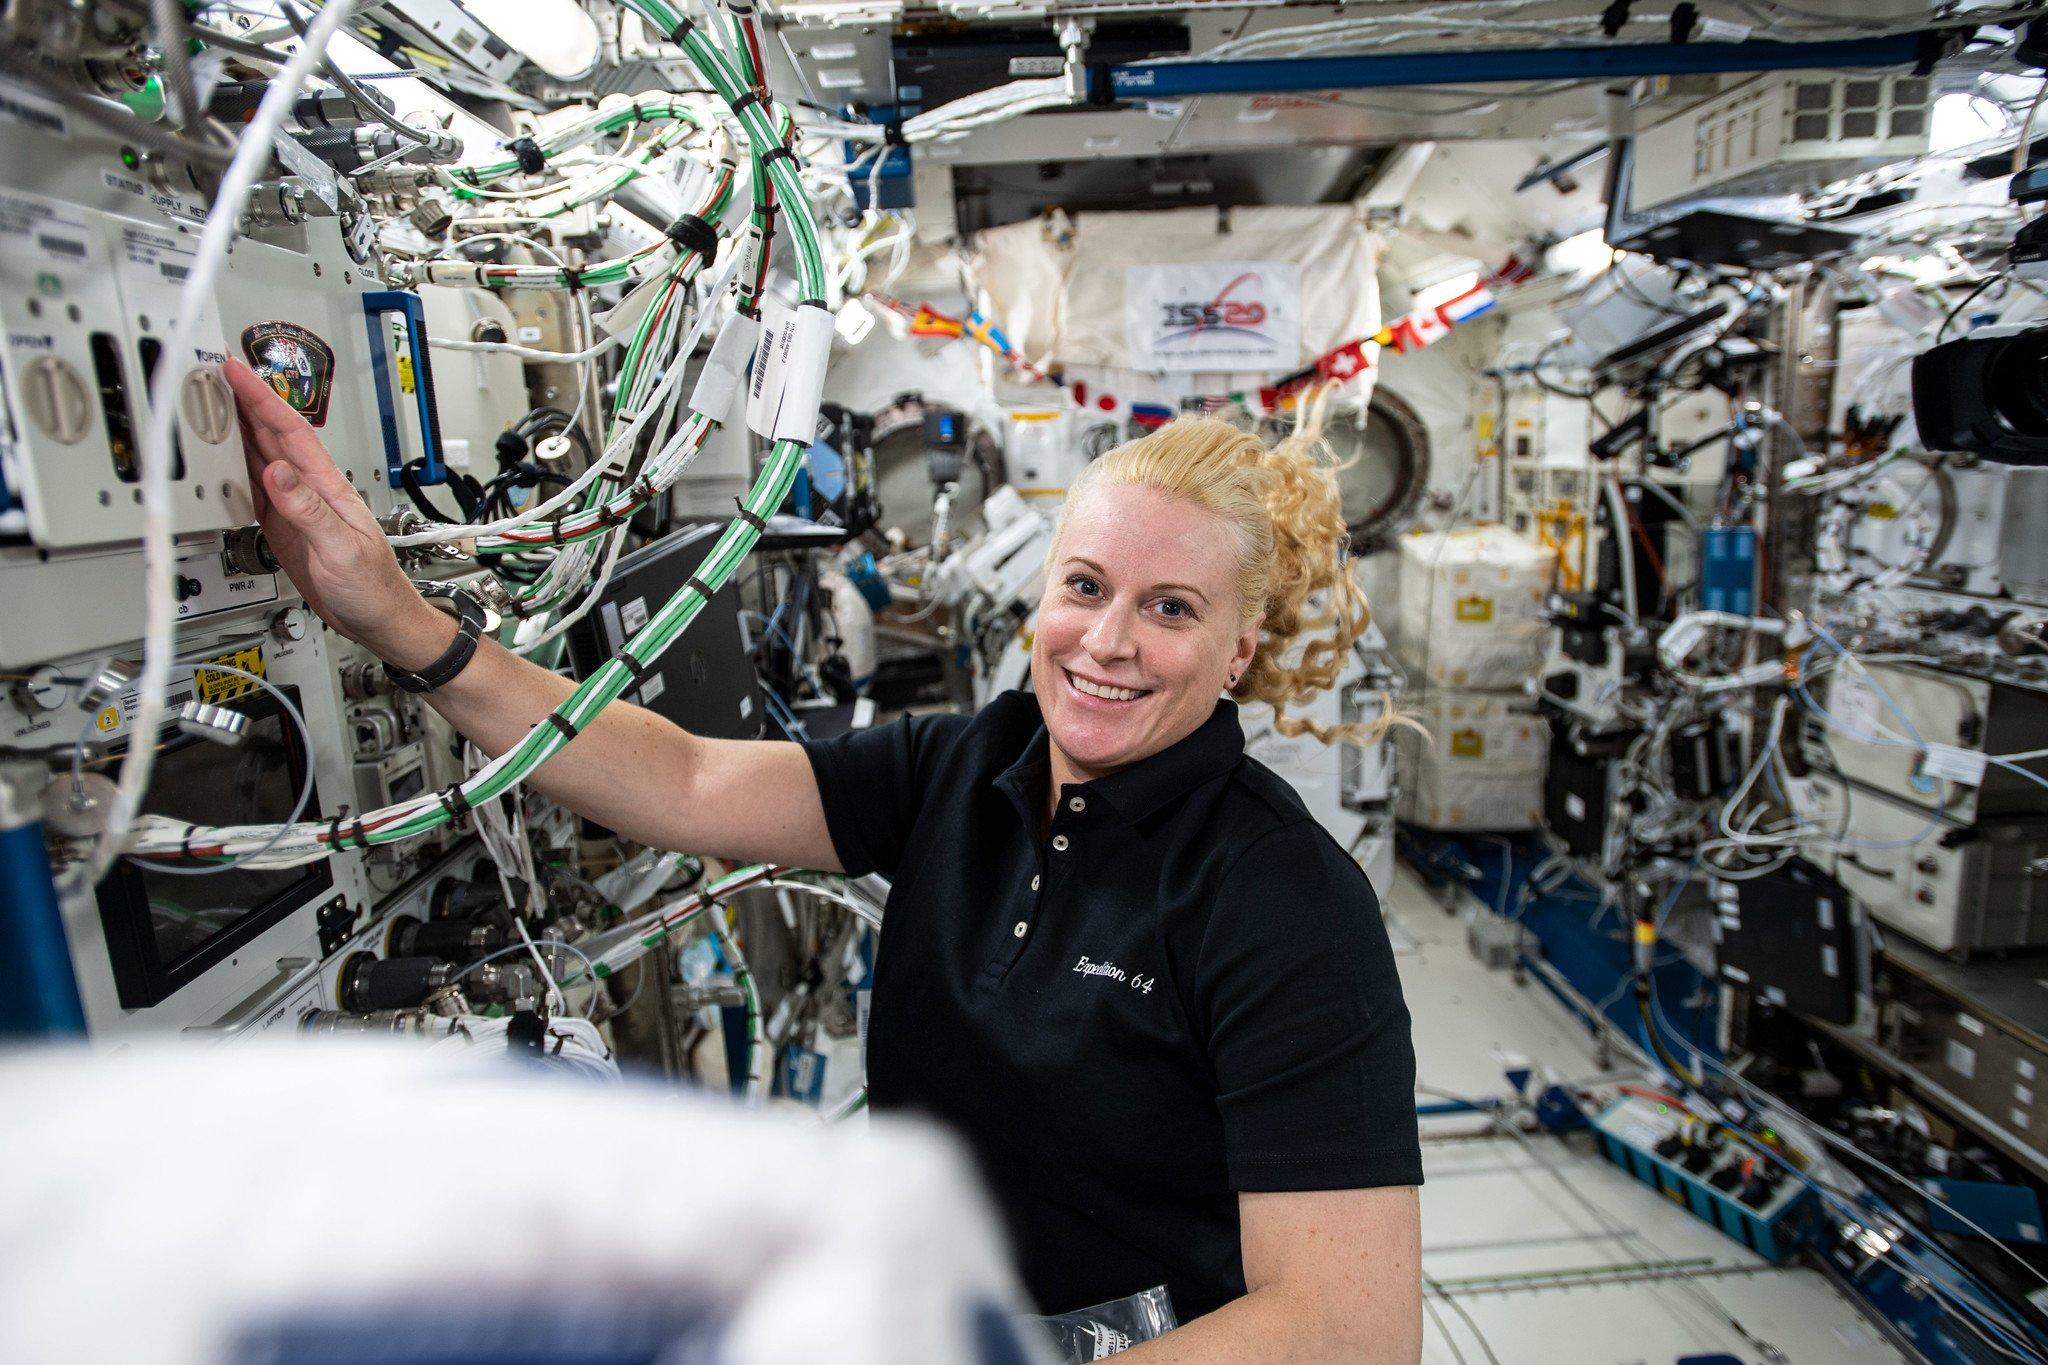 Kate Rubins aboard the ISS